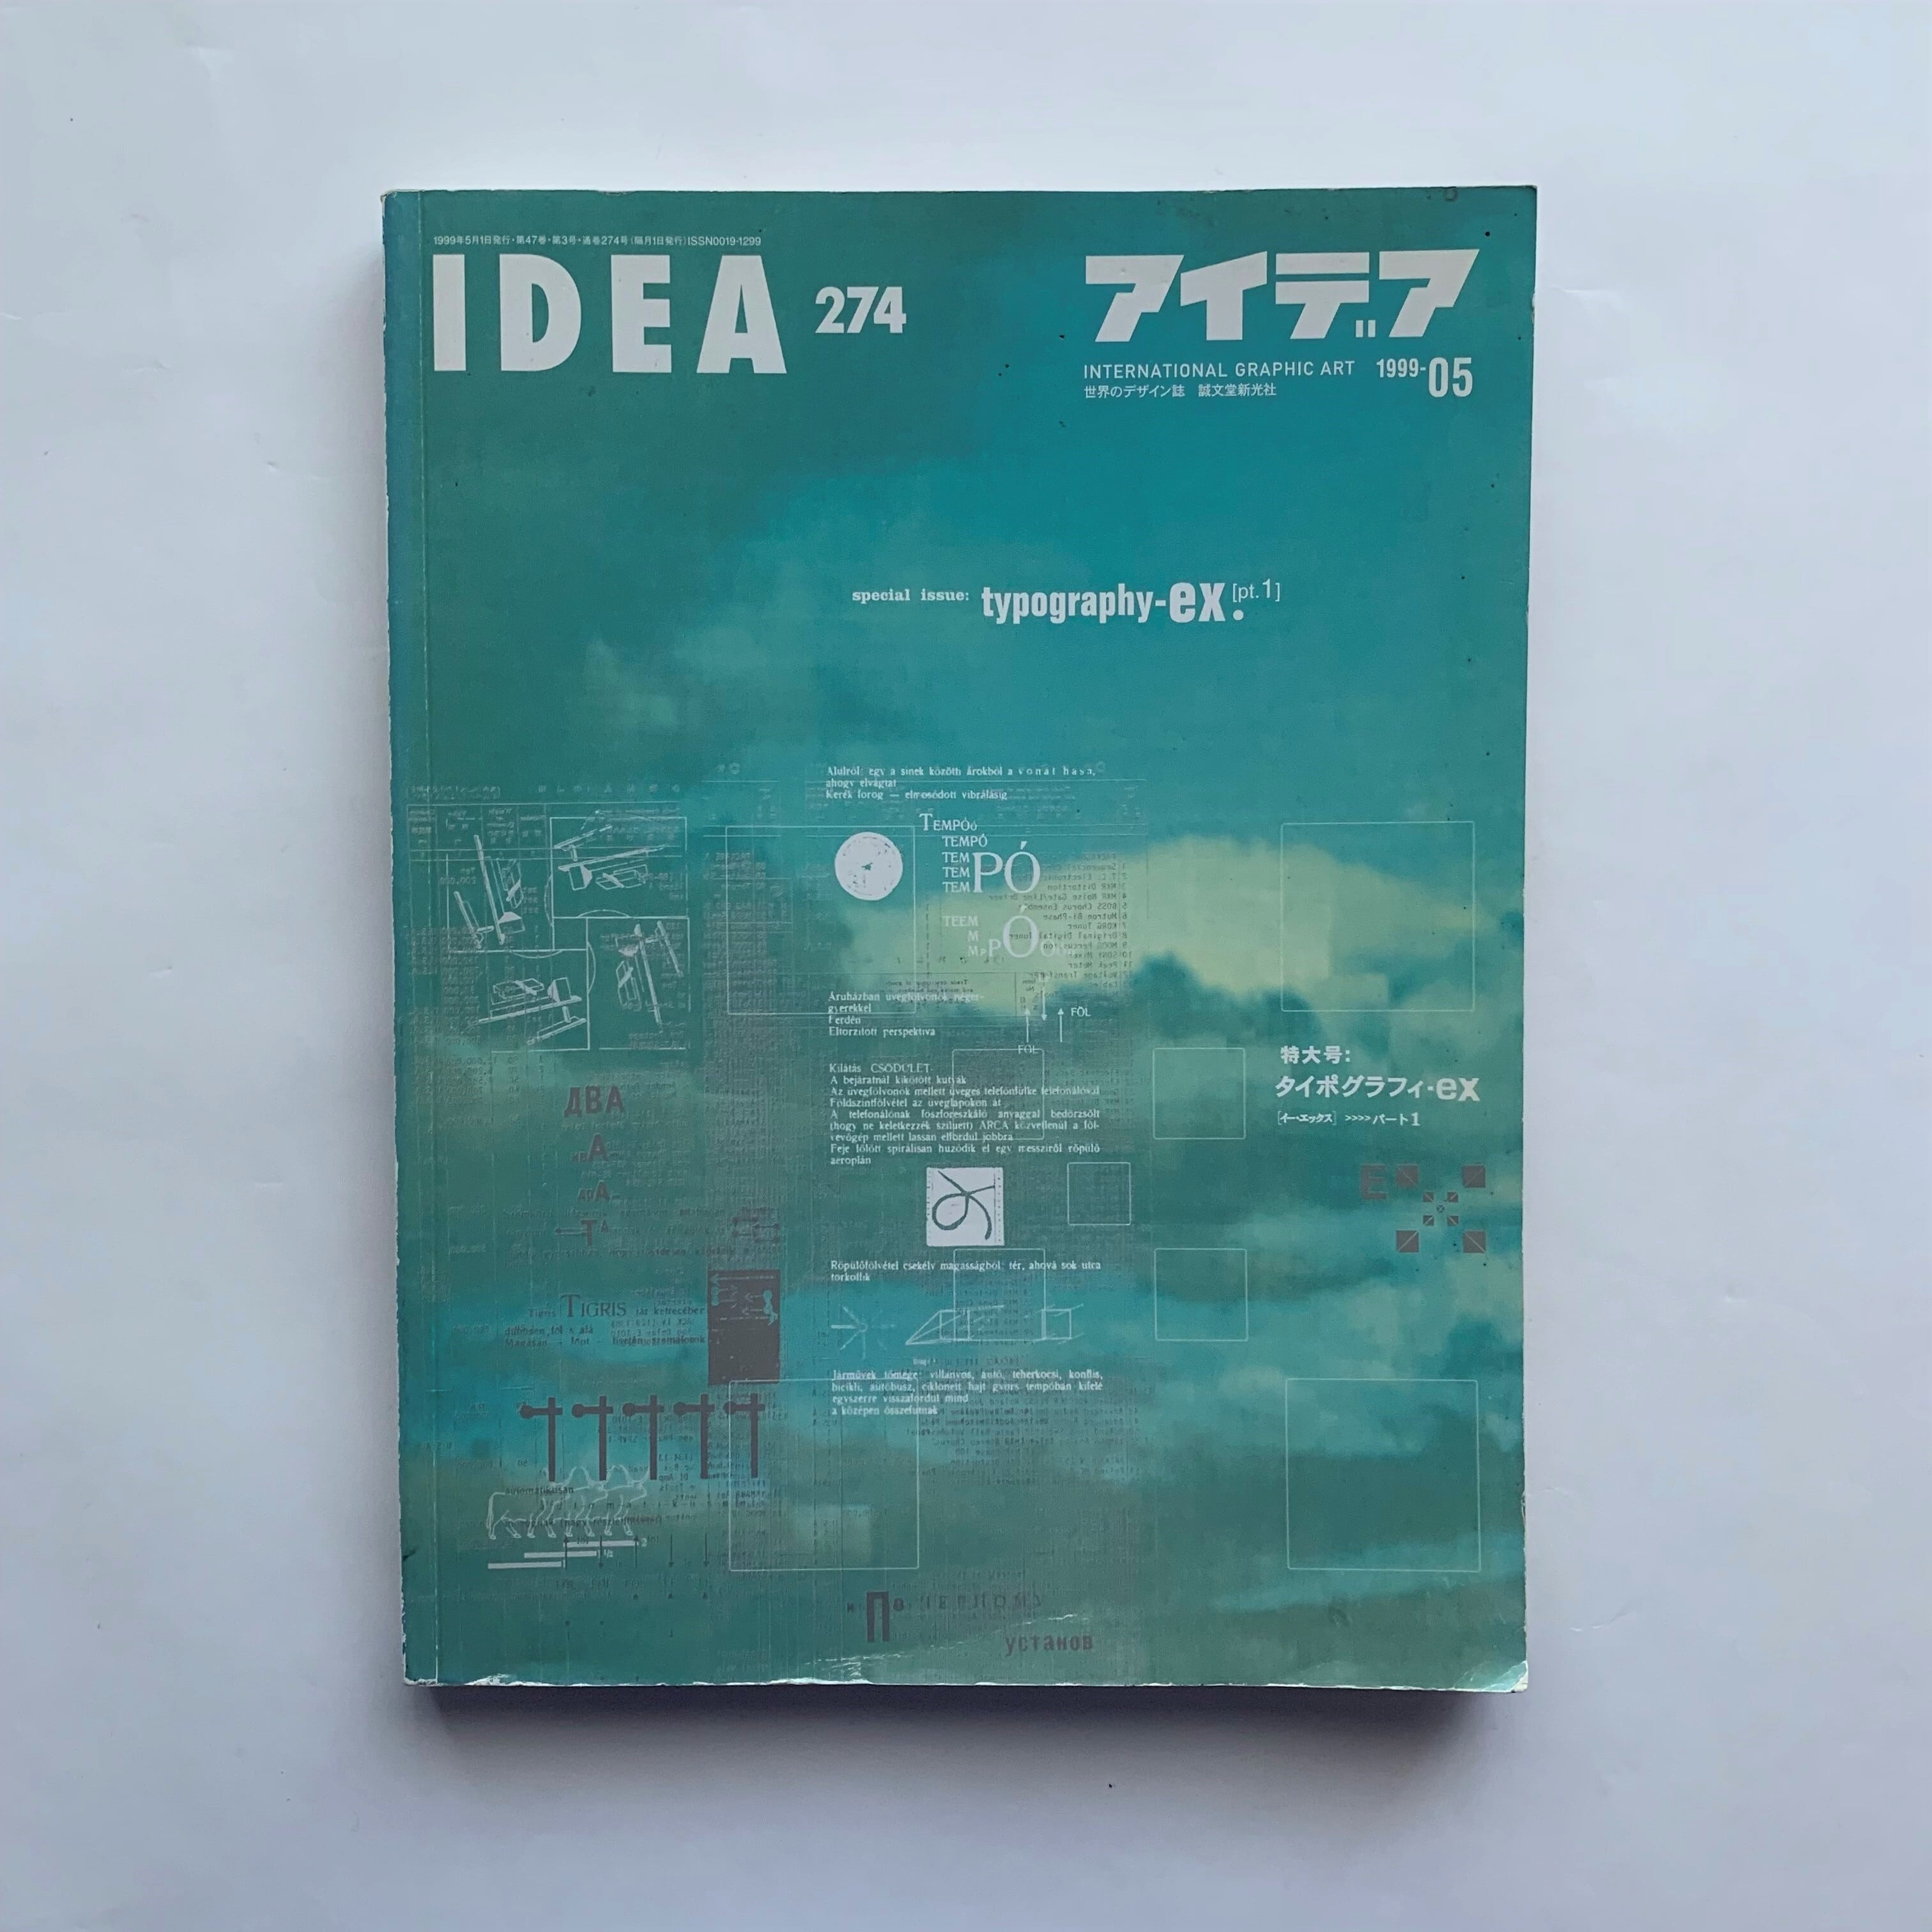 アイデア IDEA 通巻274 / 特集:タイポグラフィ パート1